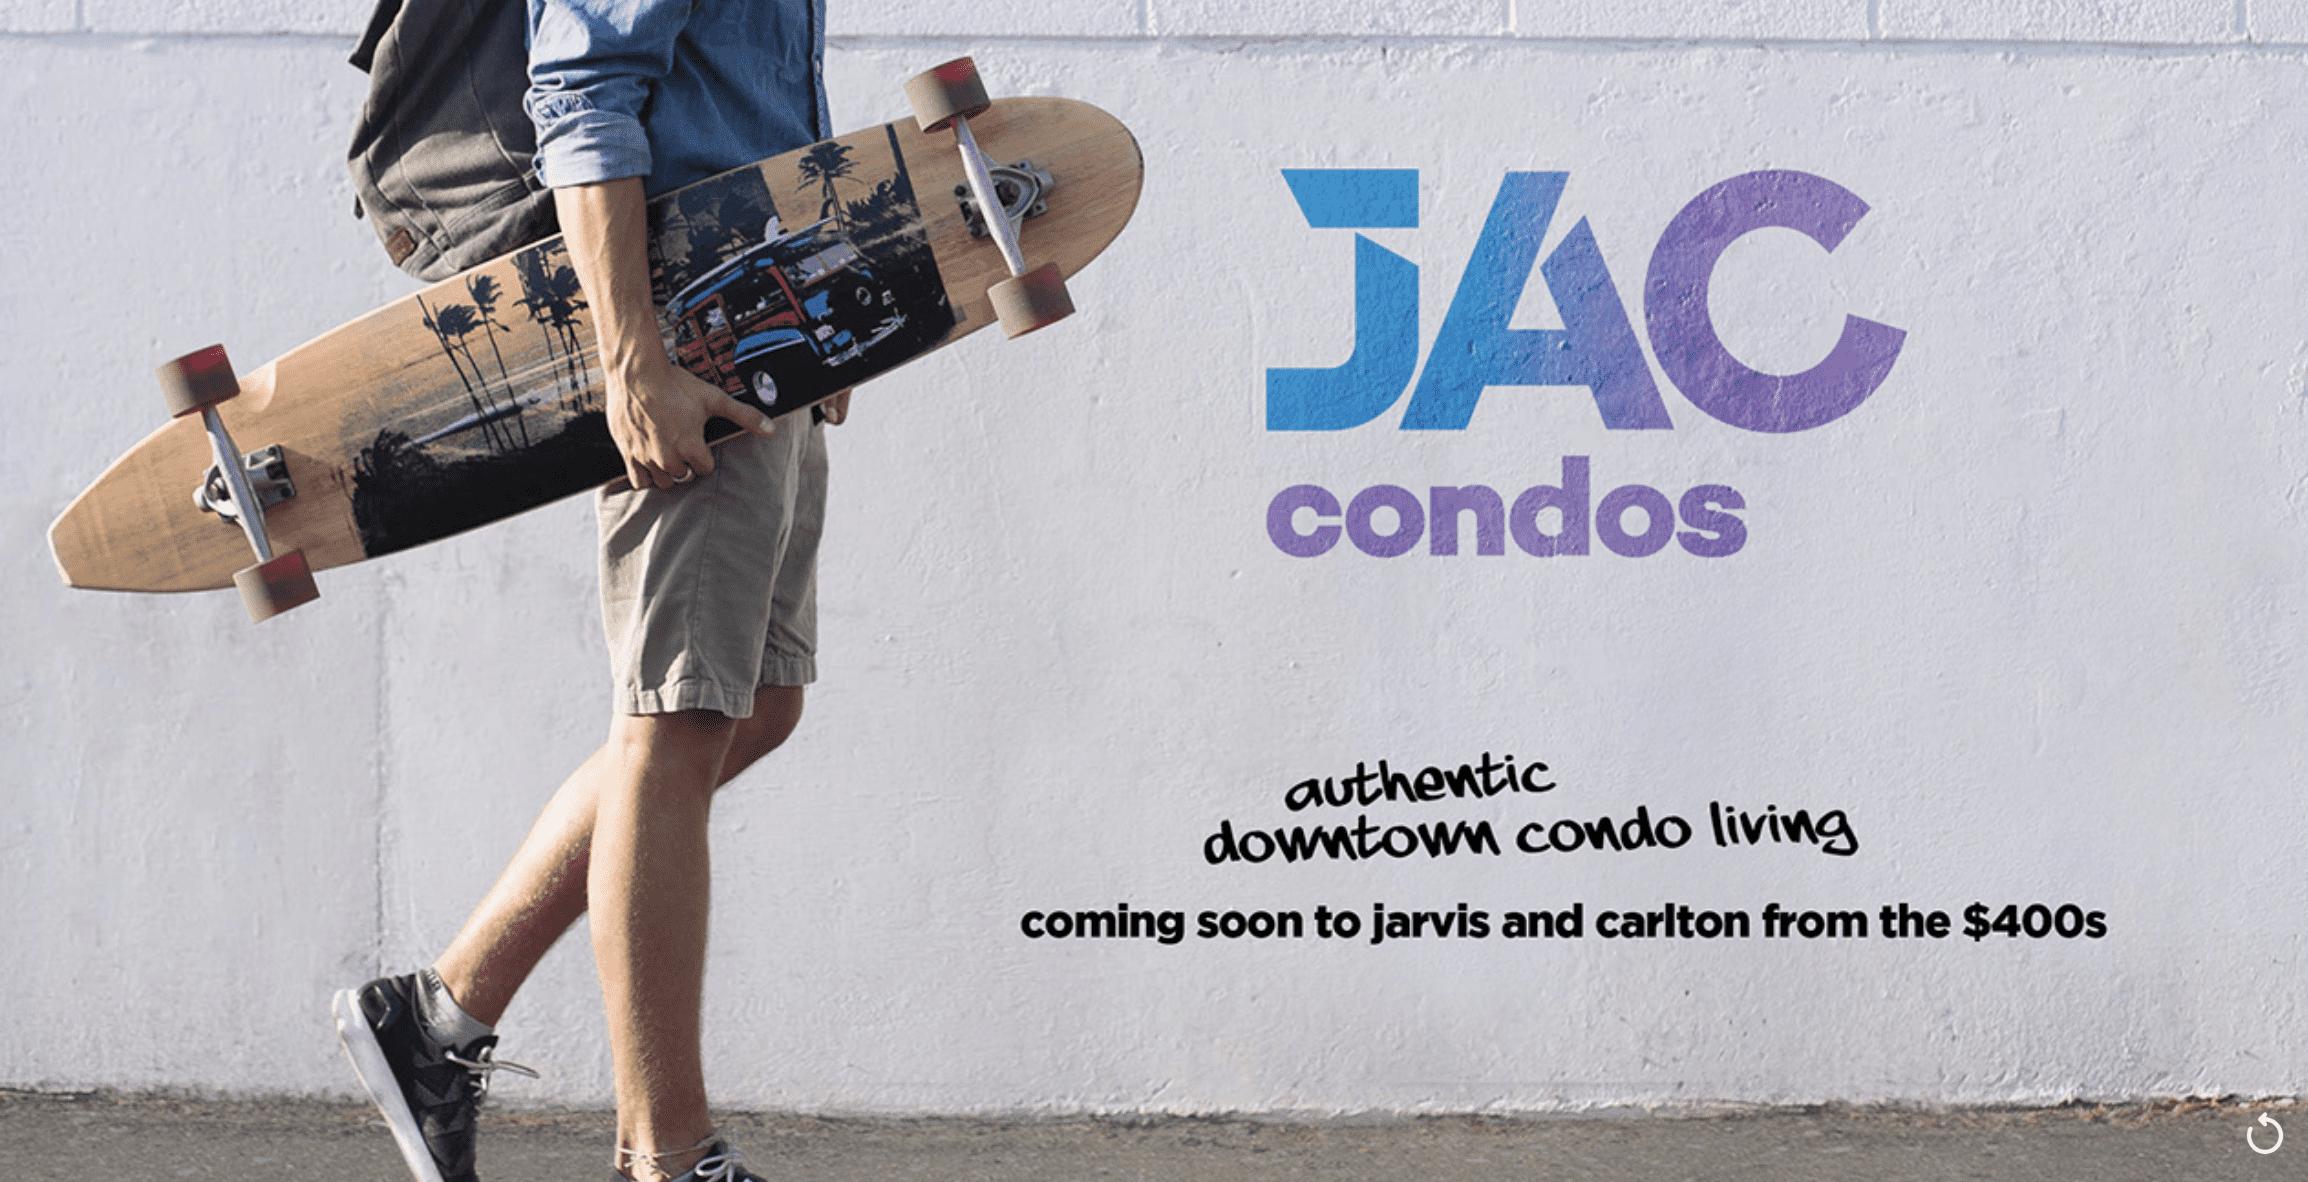 JAC Condos